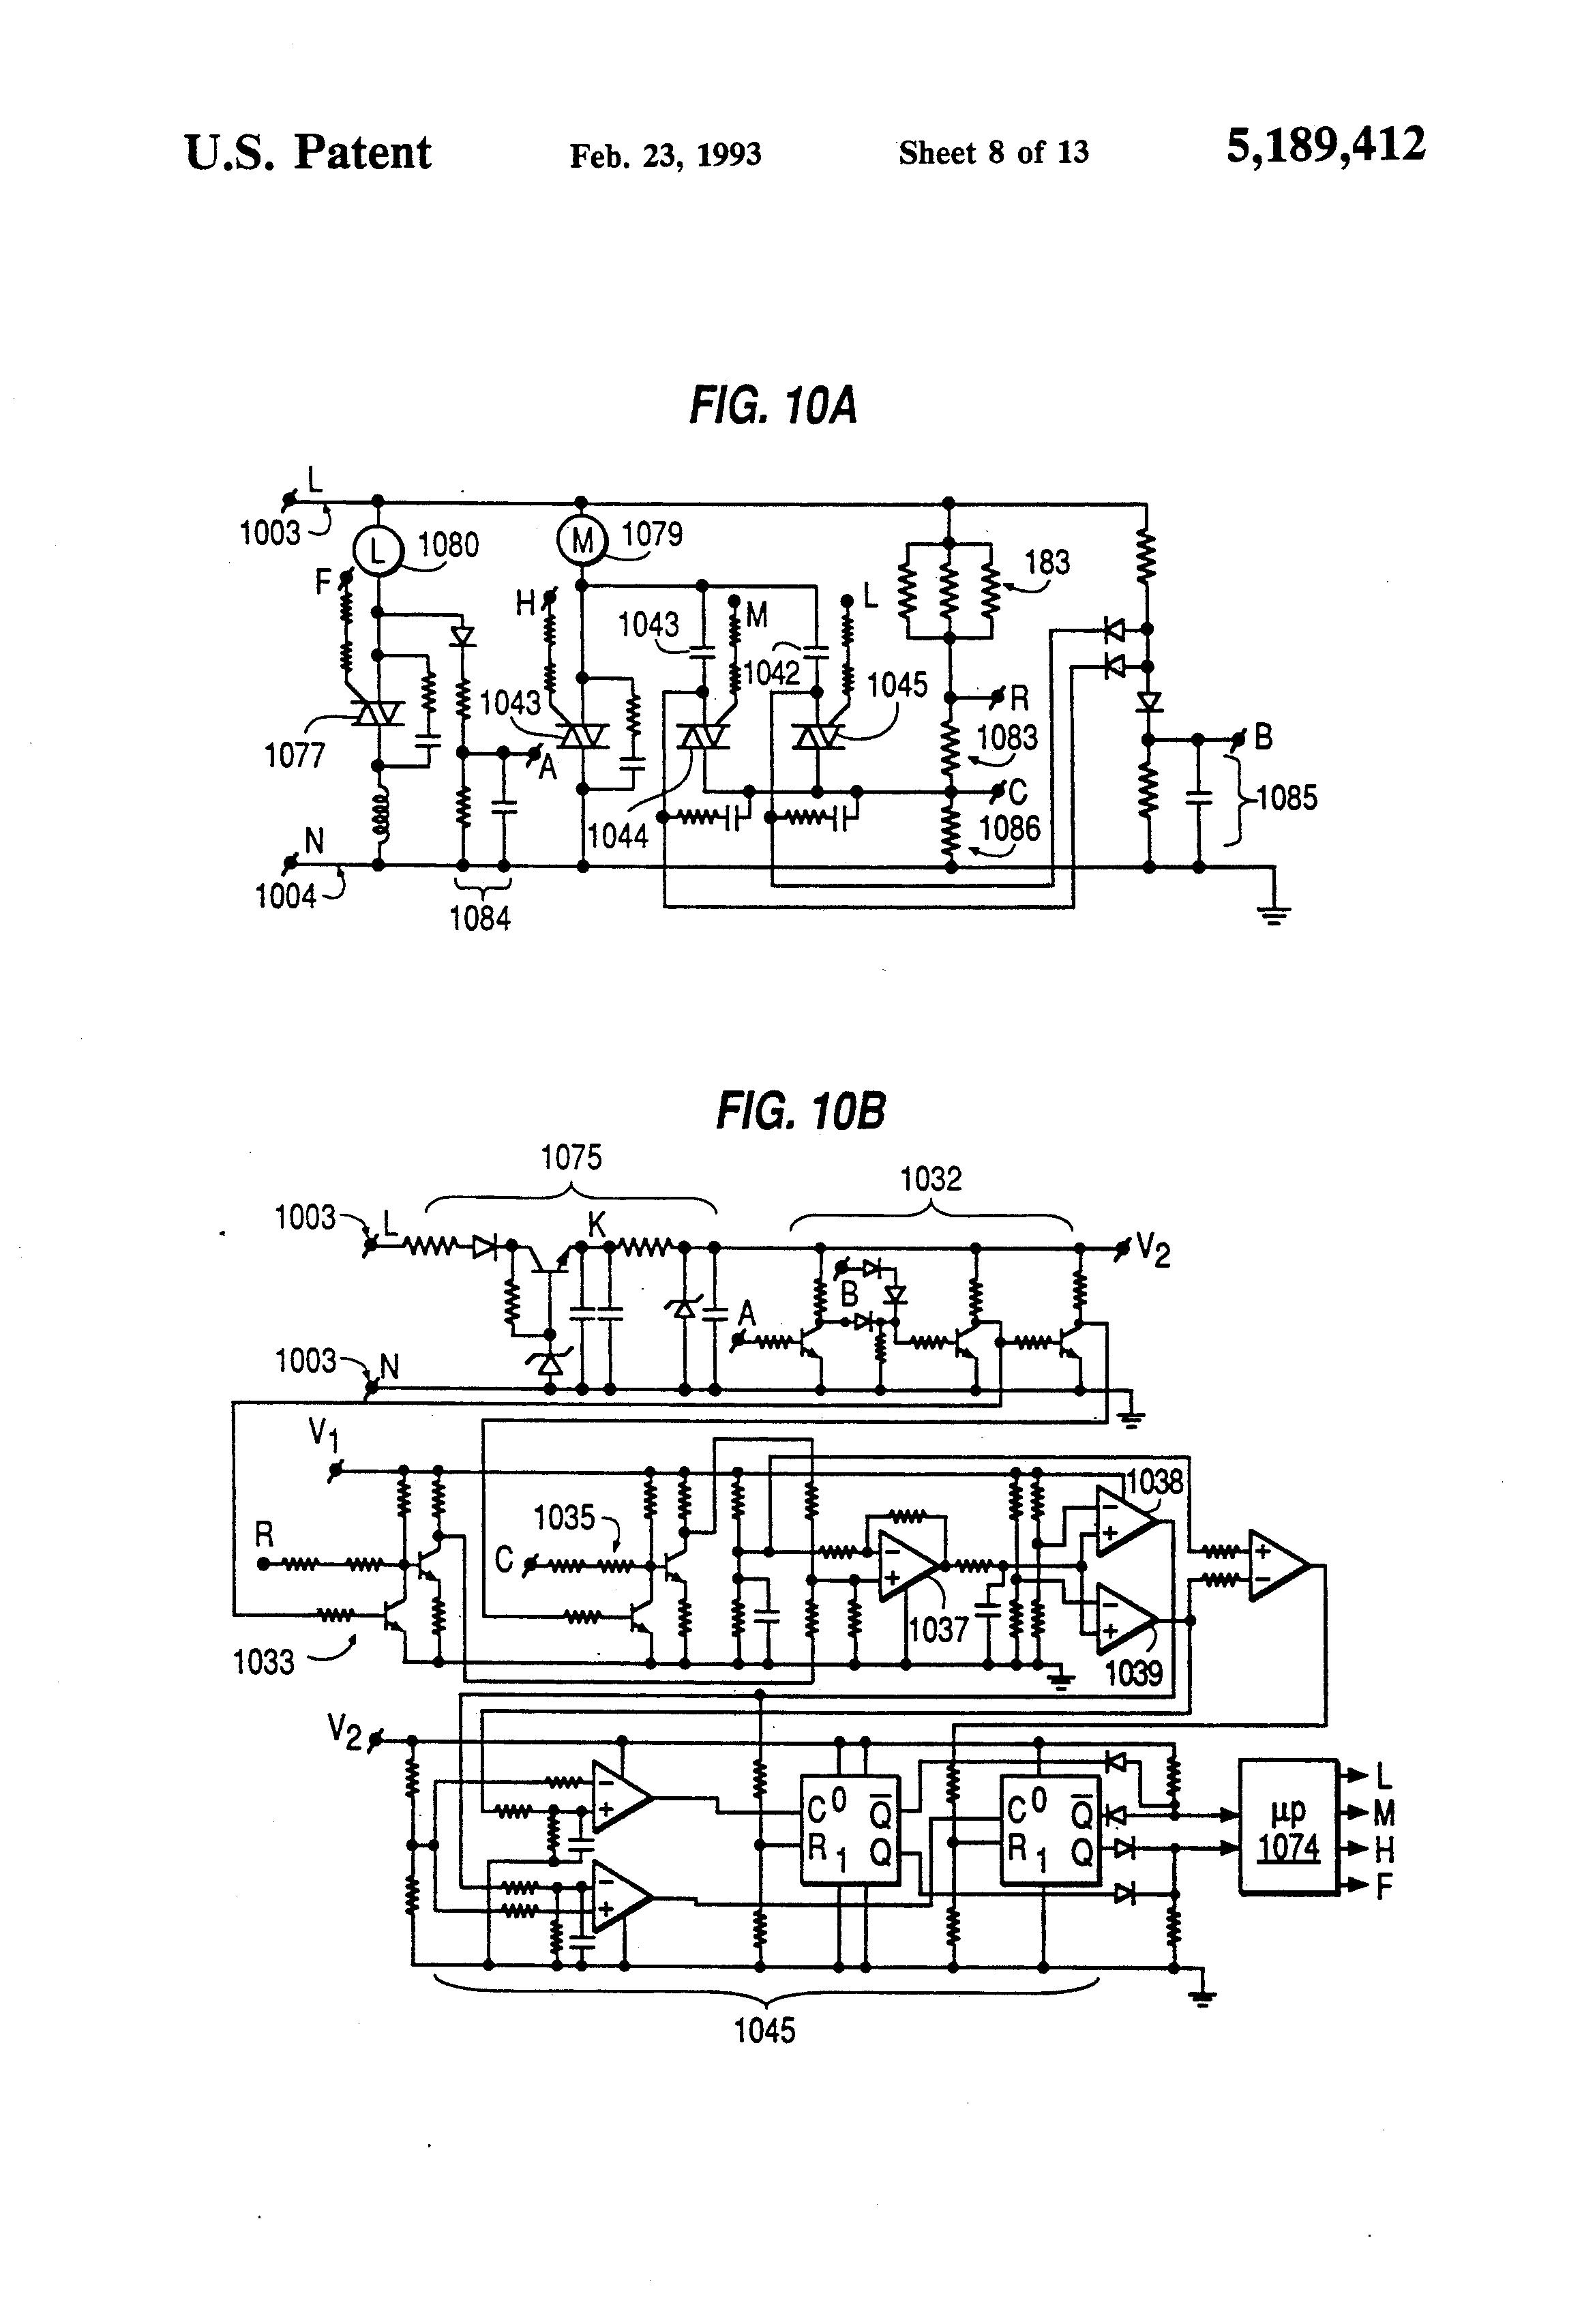 A604 Transmission Wiring Diagram Electrolux Refrigerator Wiring Schematic Schematics Source Tukune Jeanjaures37 Fr